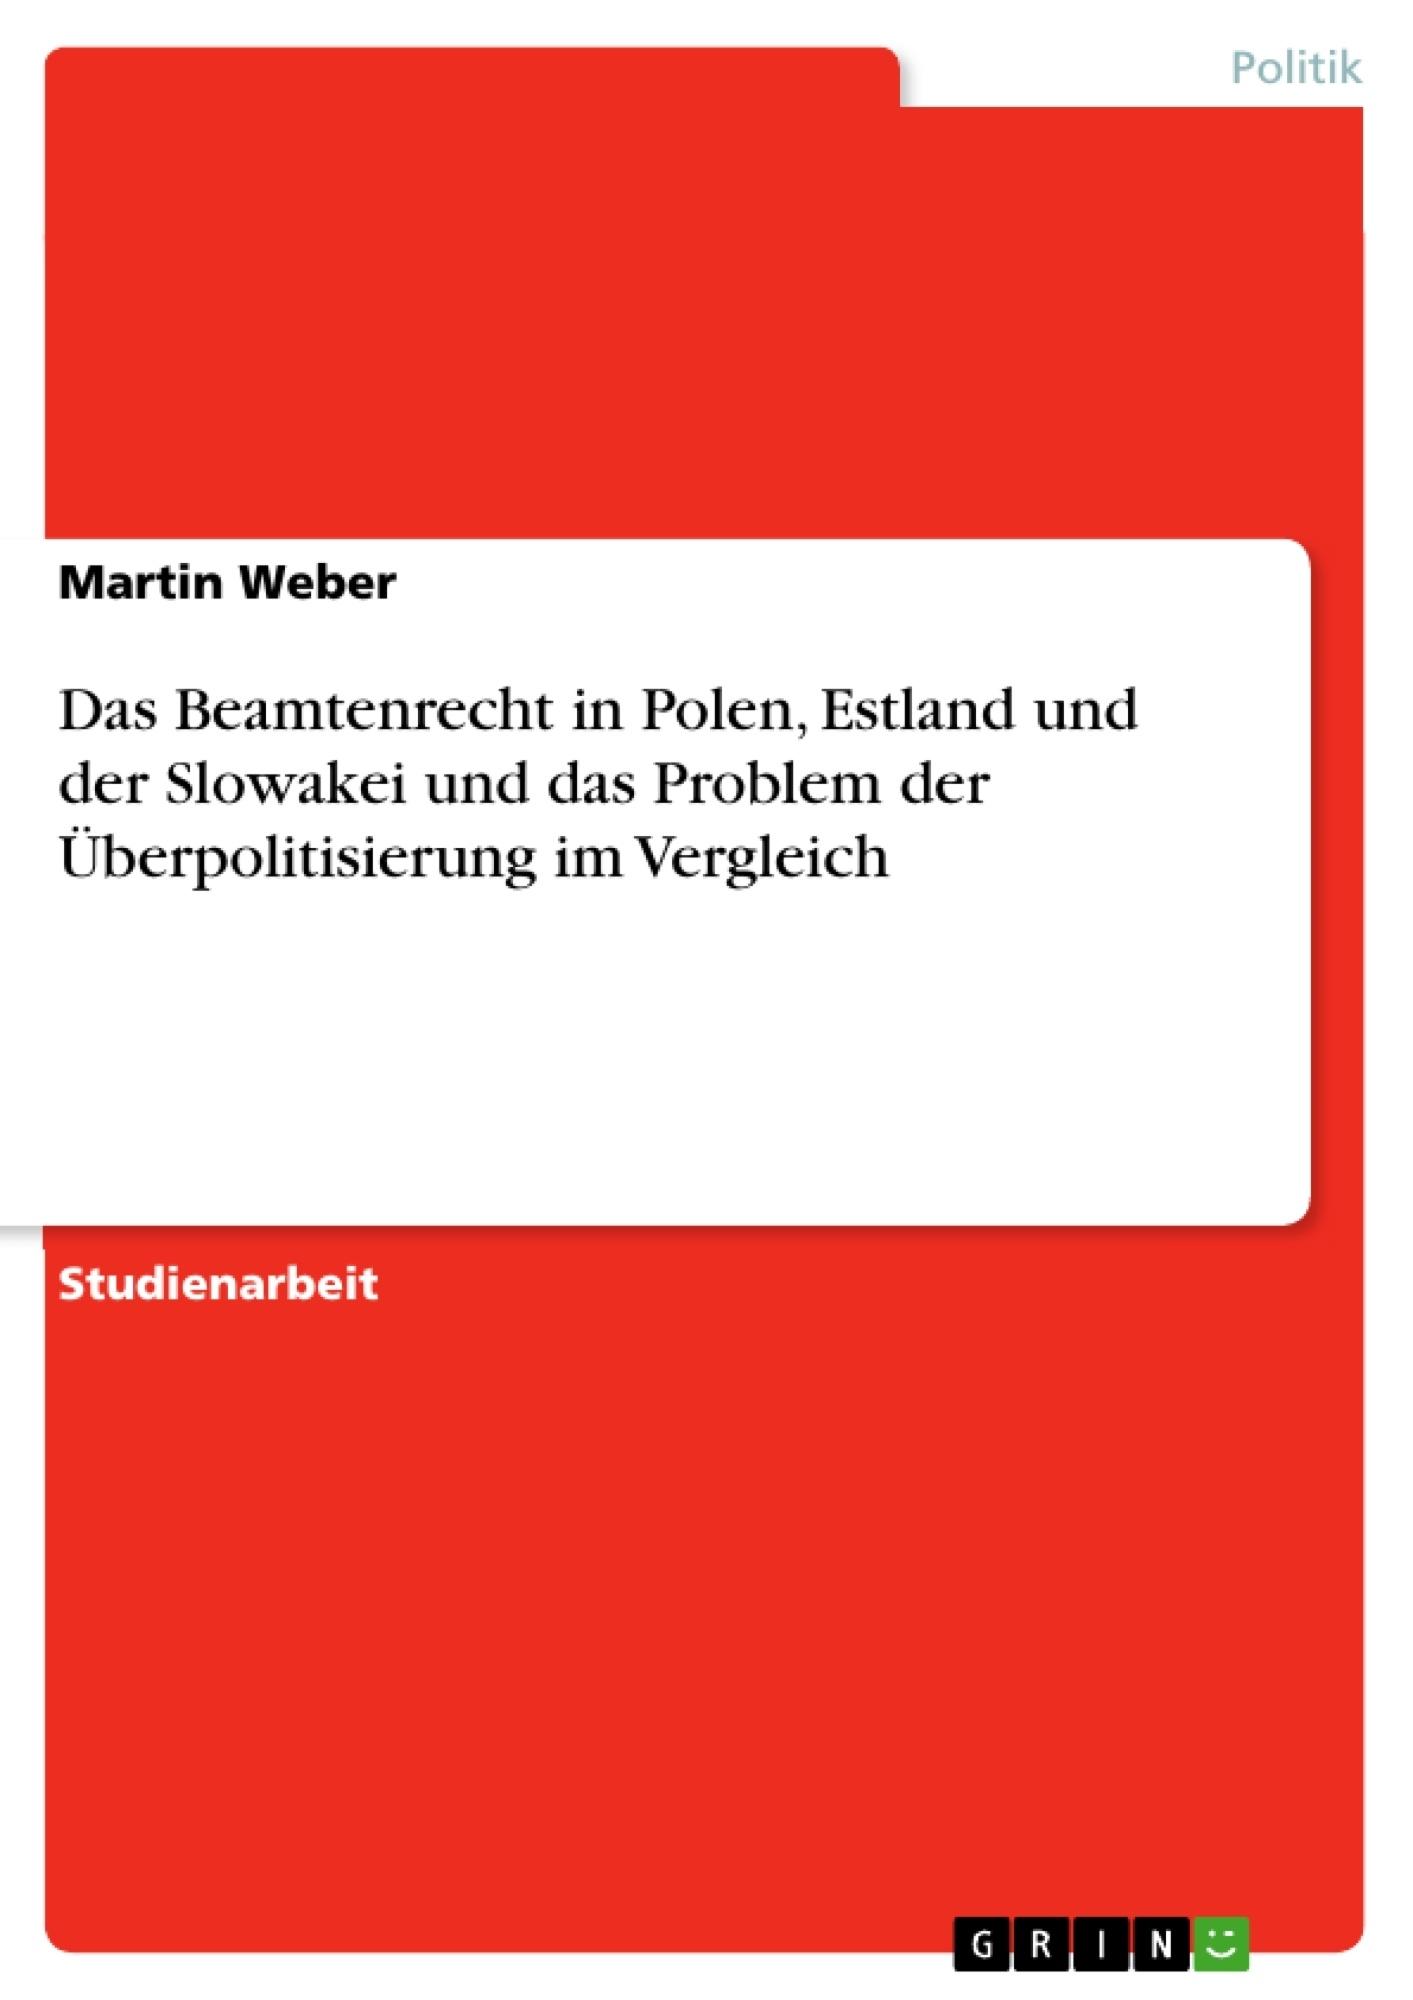 Titel: Das Beamtenrecht in Polen, Estland und der Slowakei und das Problem der Überpolitisierung im Vergleich